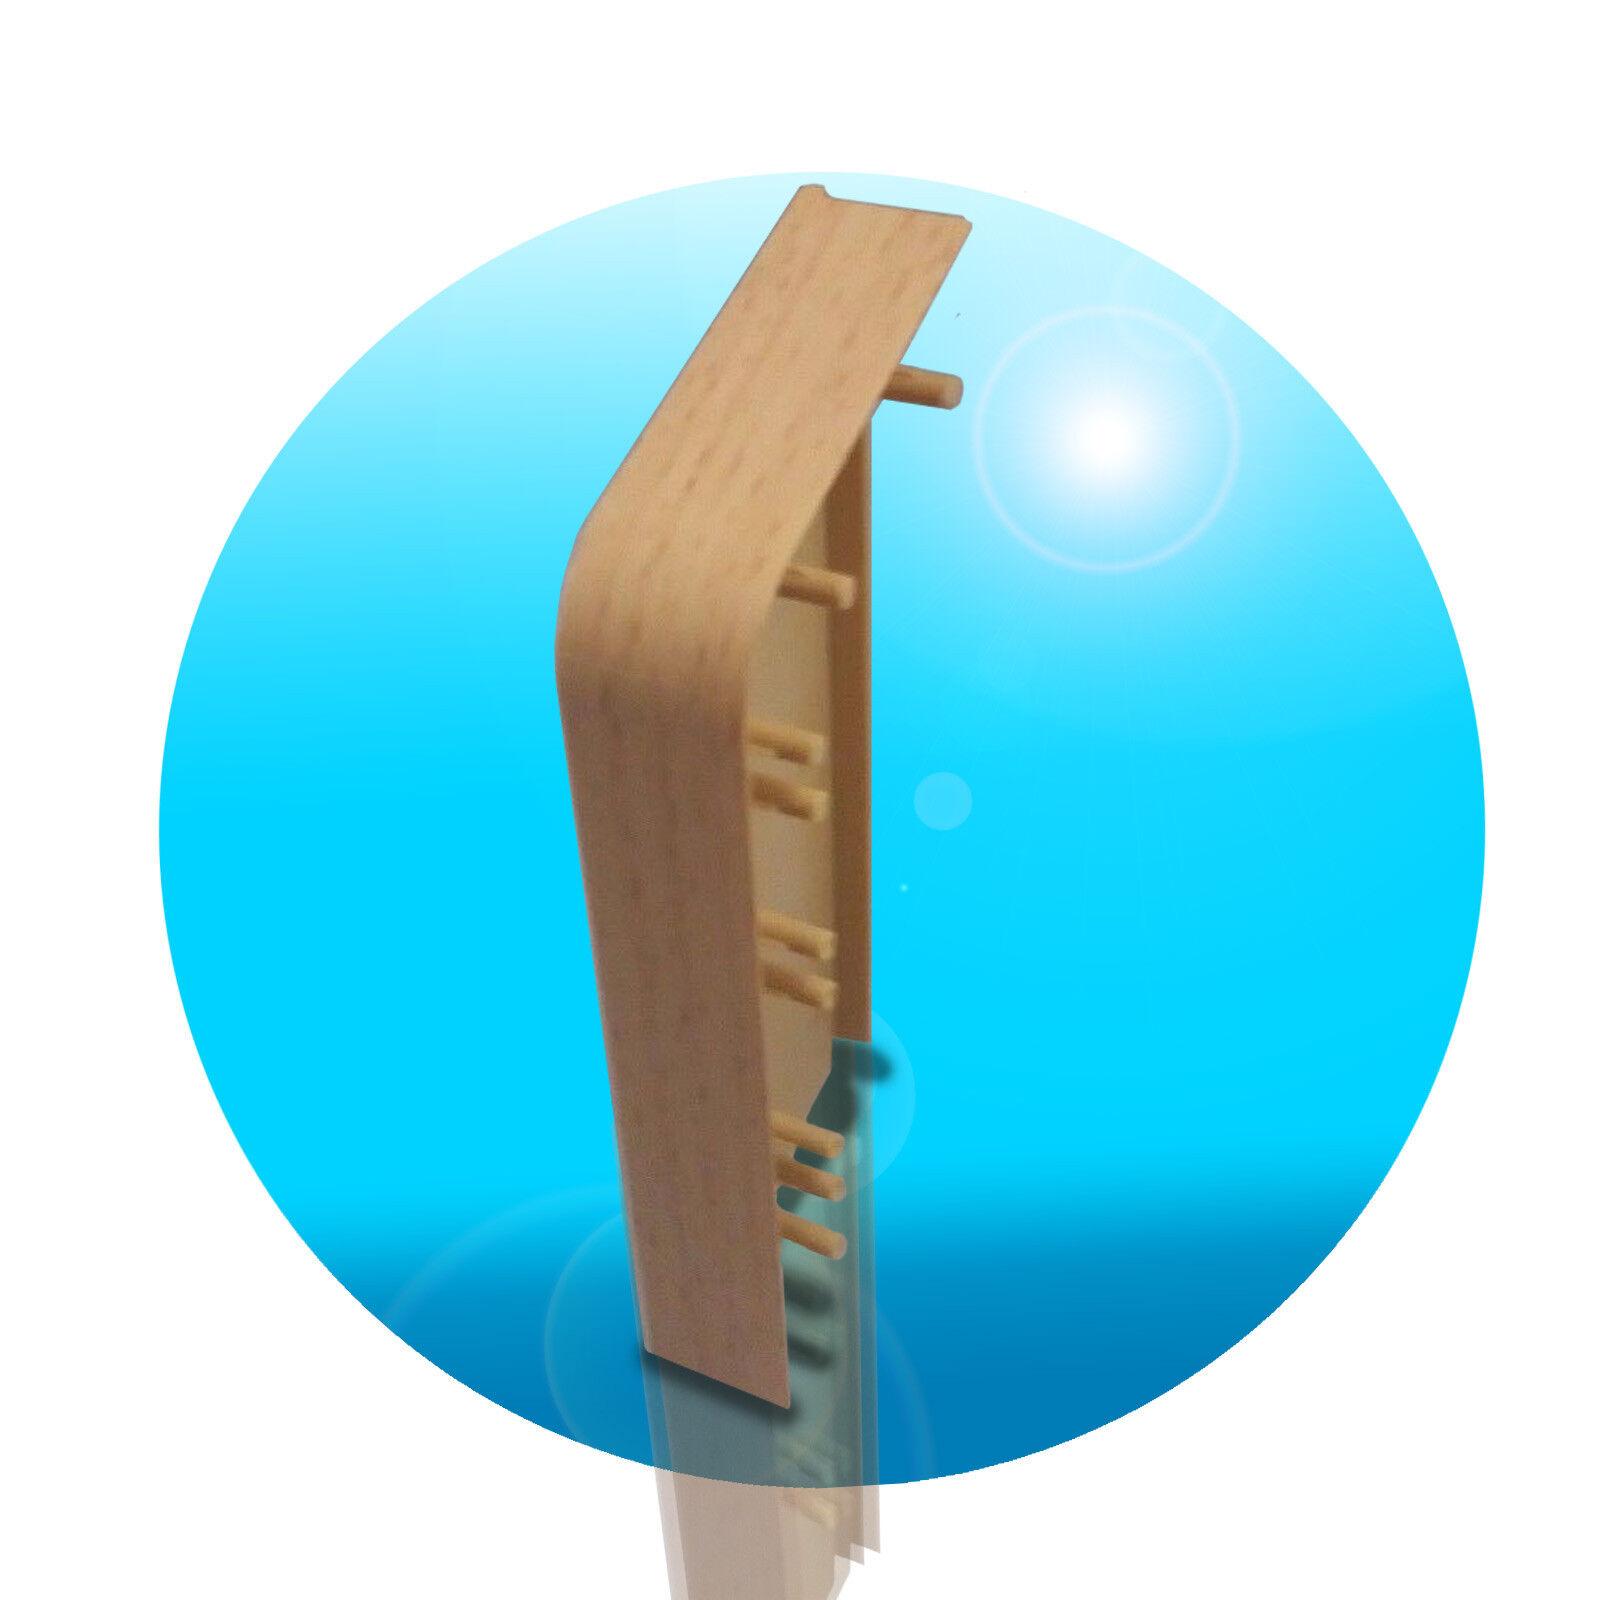 Saubere Fussleisten Montage Inhalt 1 St/ück passend zu Heizrohrverkleidung Buche hell 110mm Primo Rohrverkleidung Endst/ück links Kunststoff Endst/ücke links Buche hell